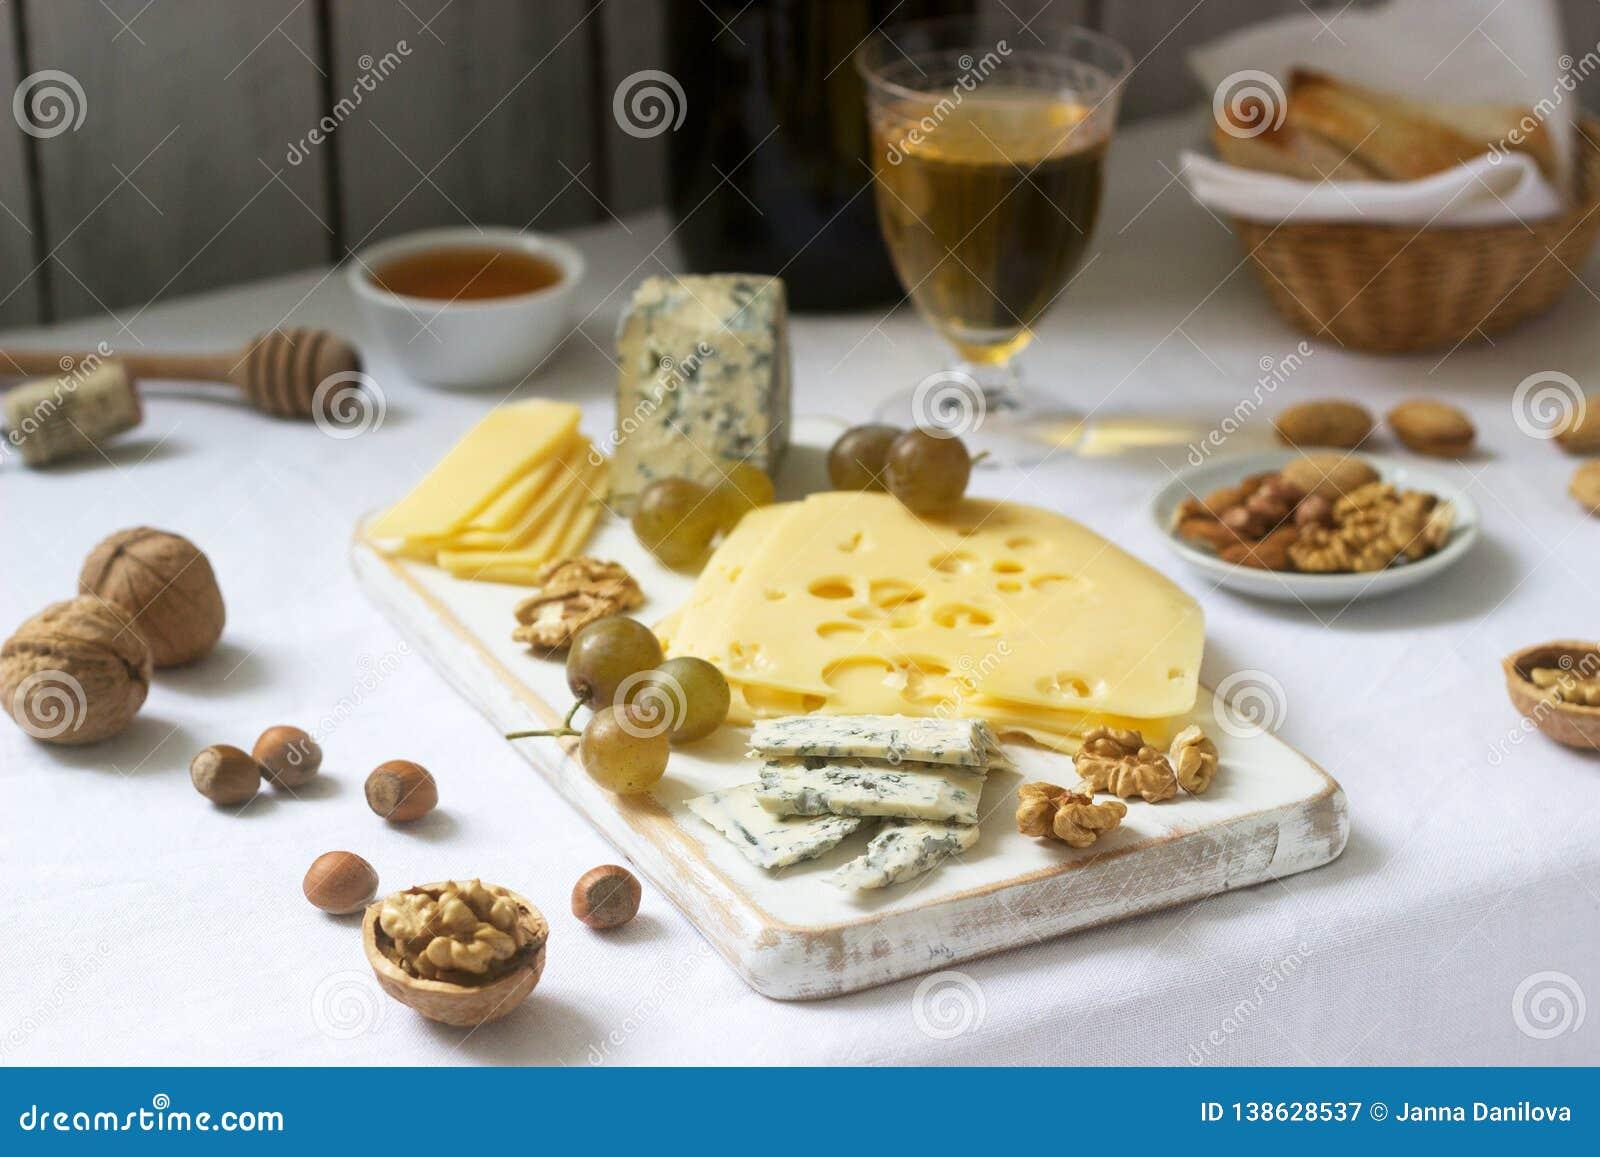 乳酪、葡萄、坚果和蜂蜜的各种各样的类型开胃菜,供食与白色和红酒 土气样式